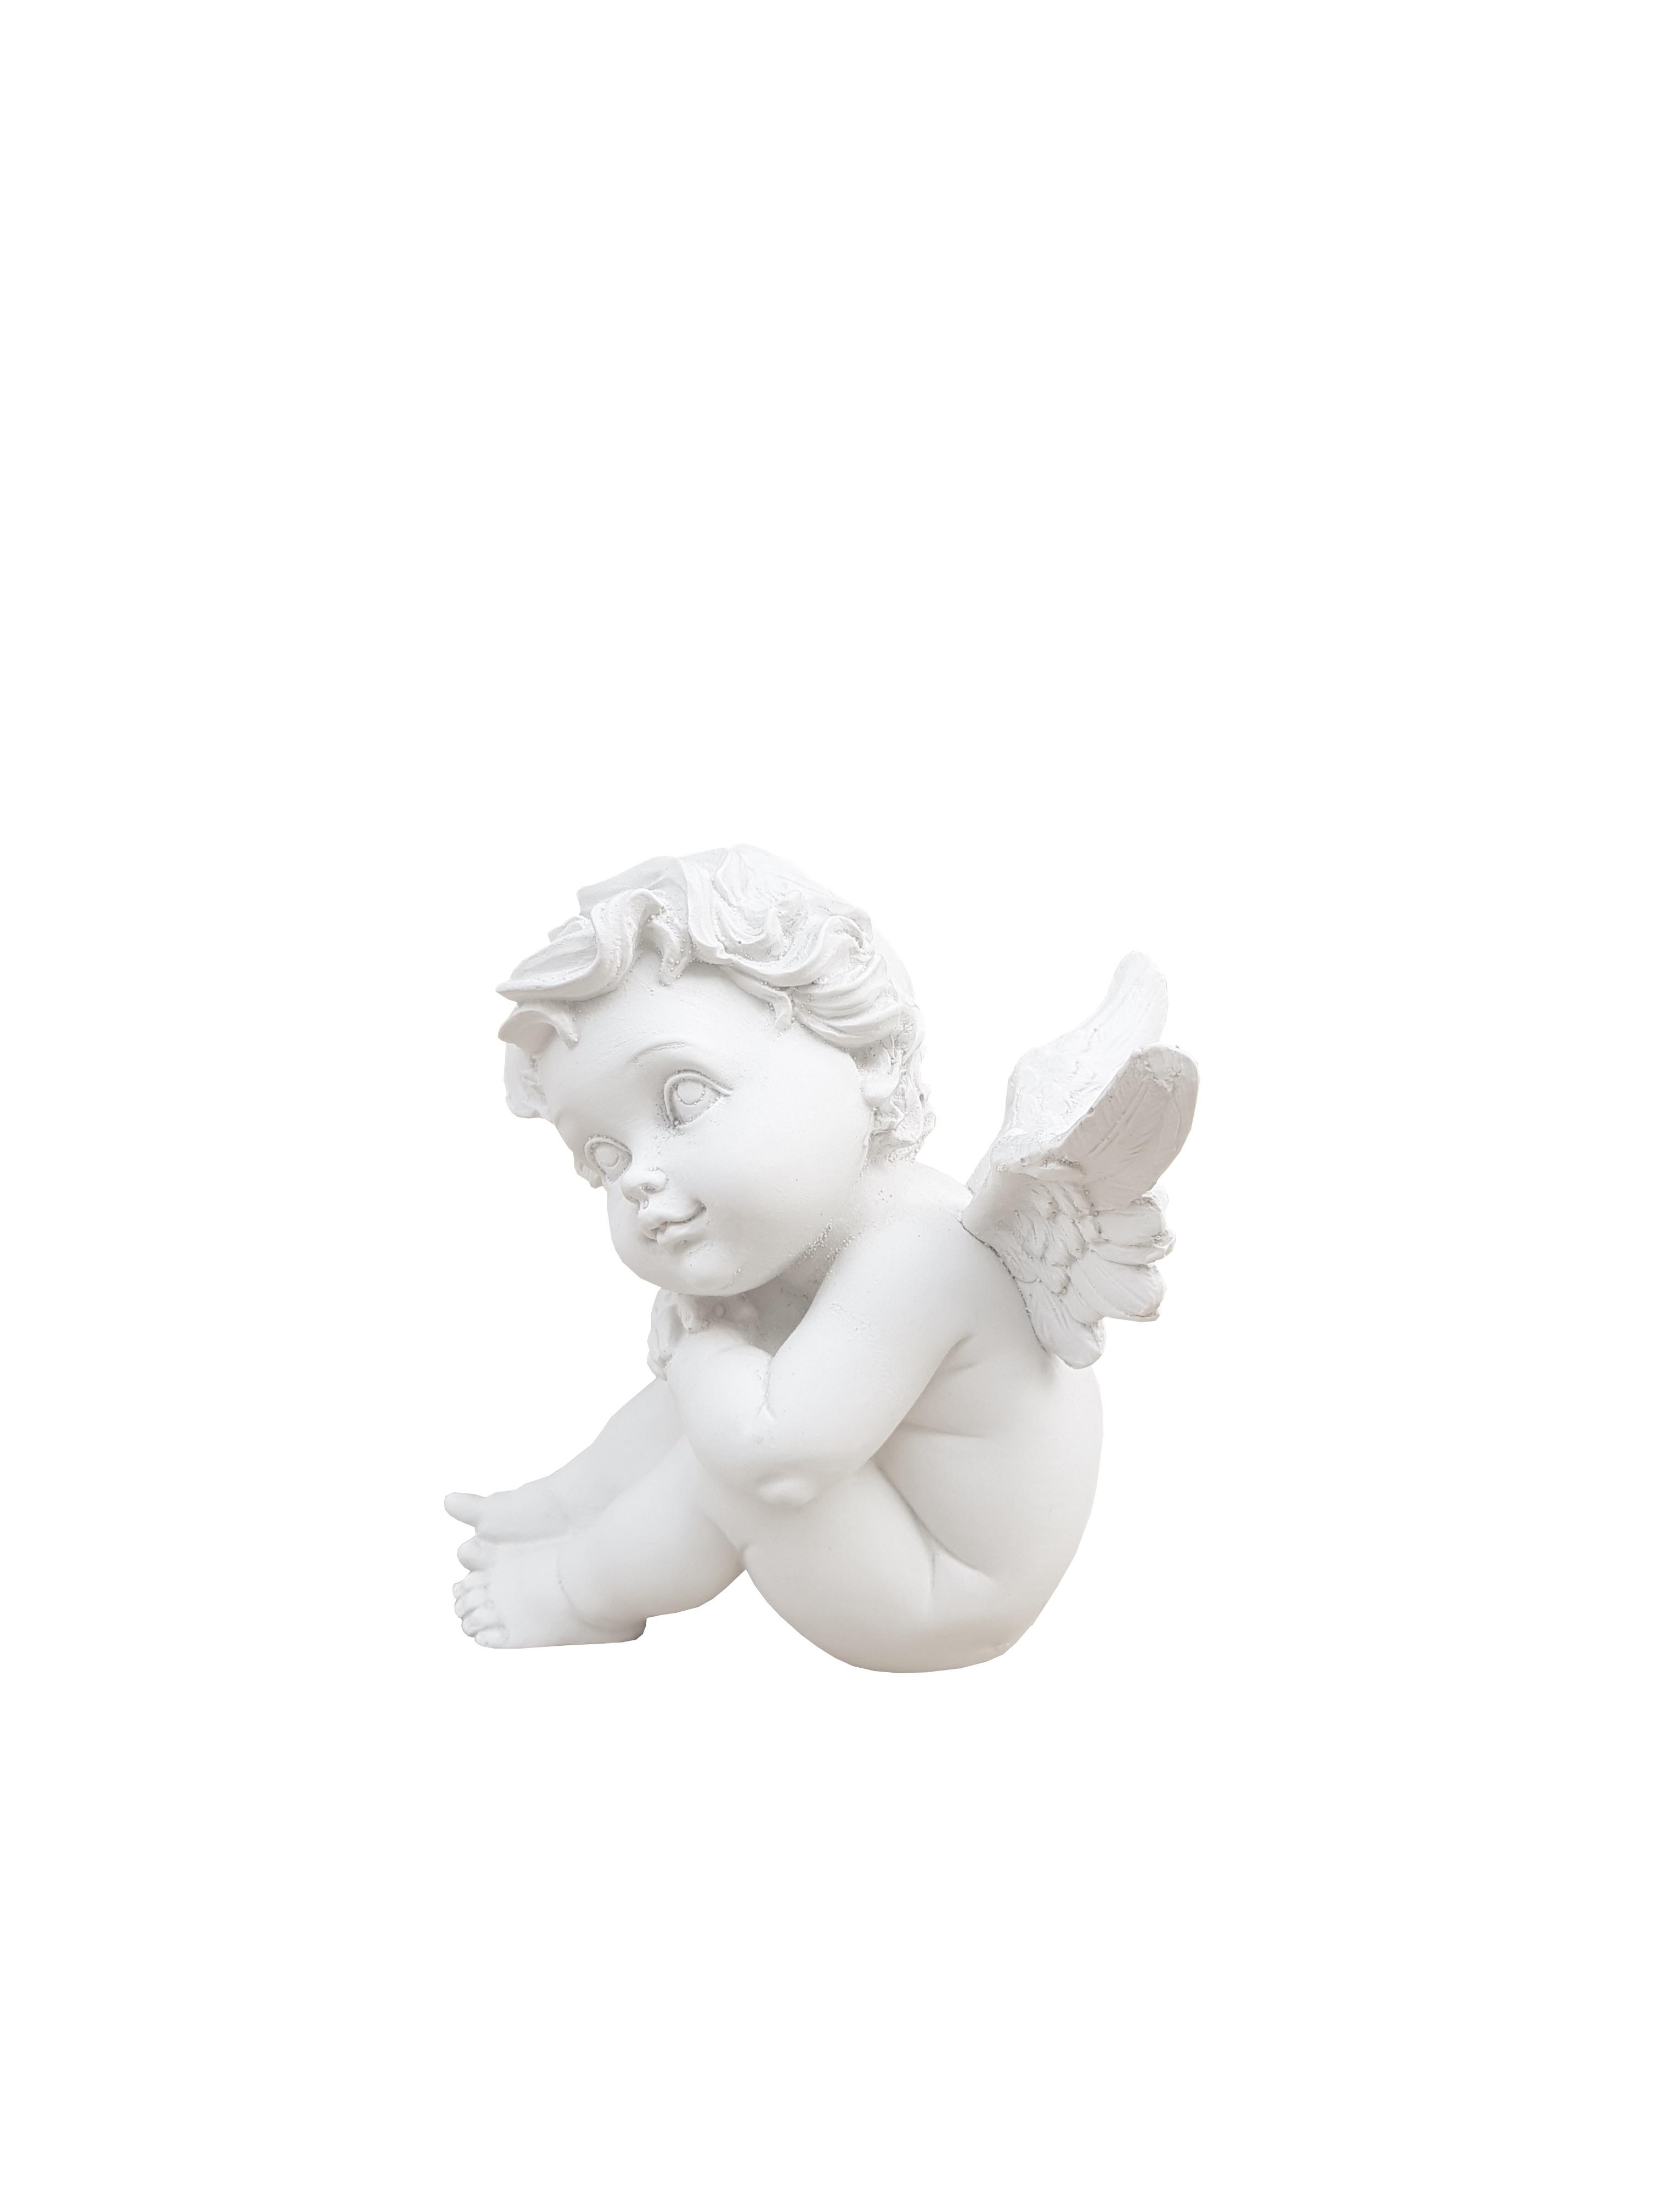 aniolek siedzacy - rzezba nagrobna